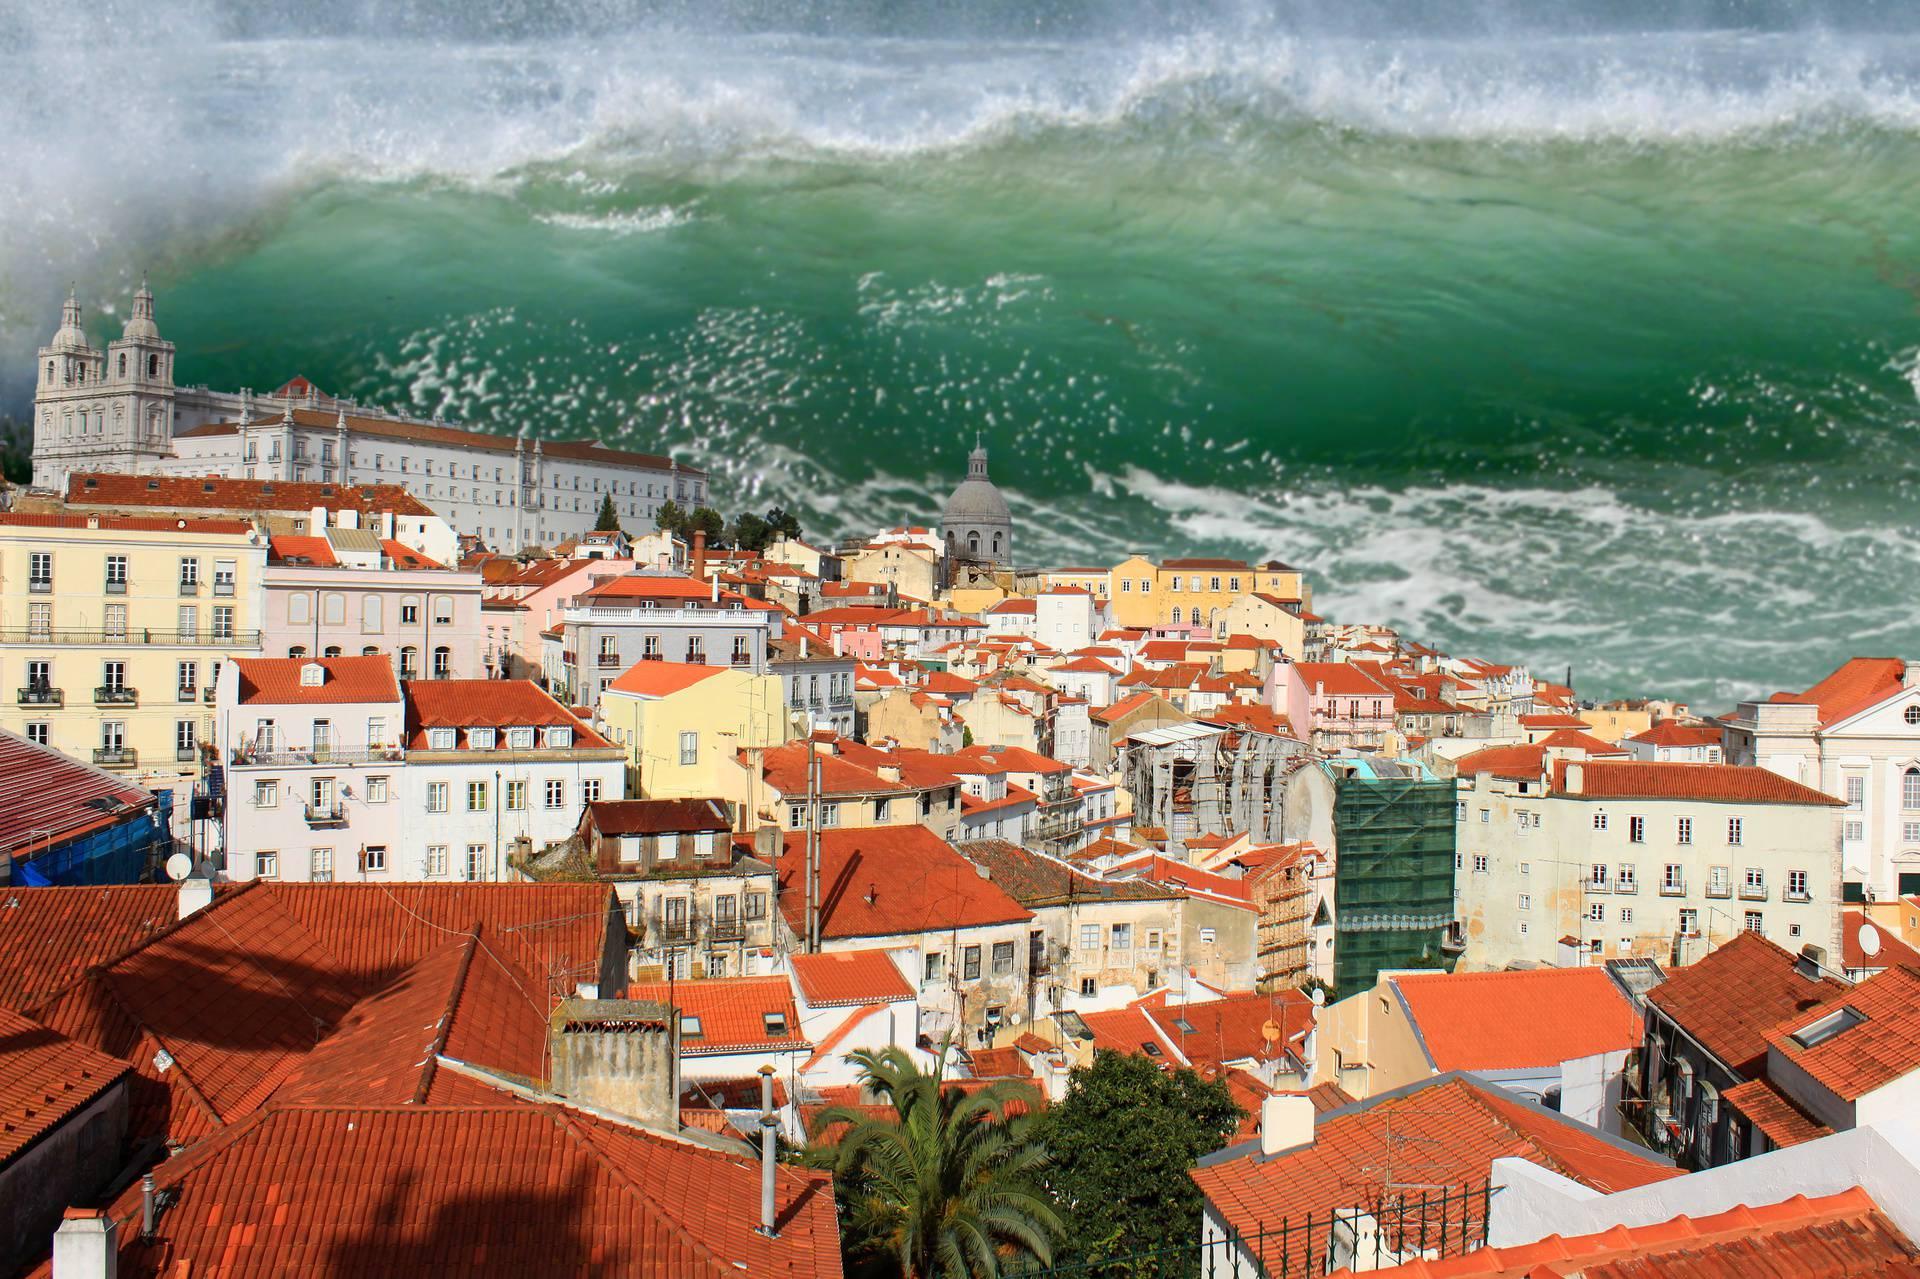 Tsunami in Lisbon